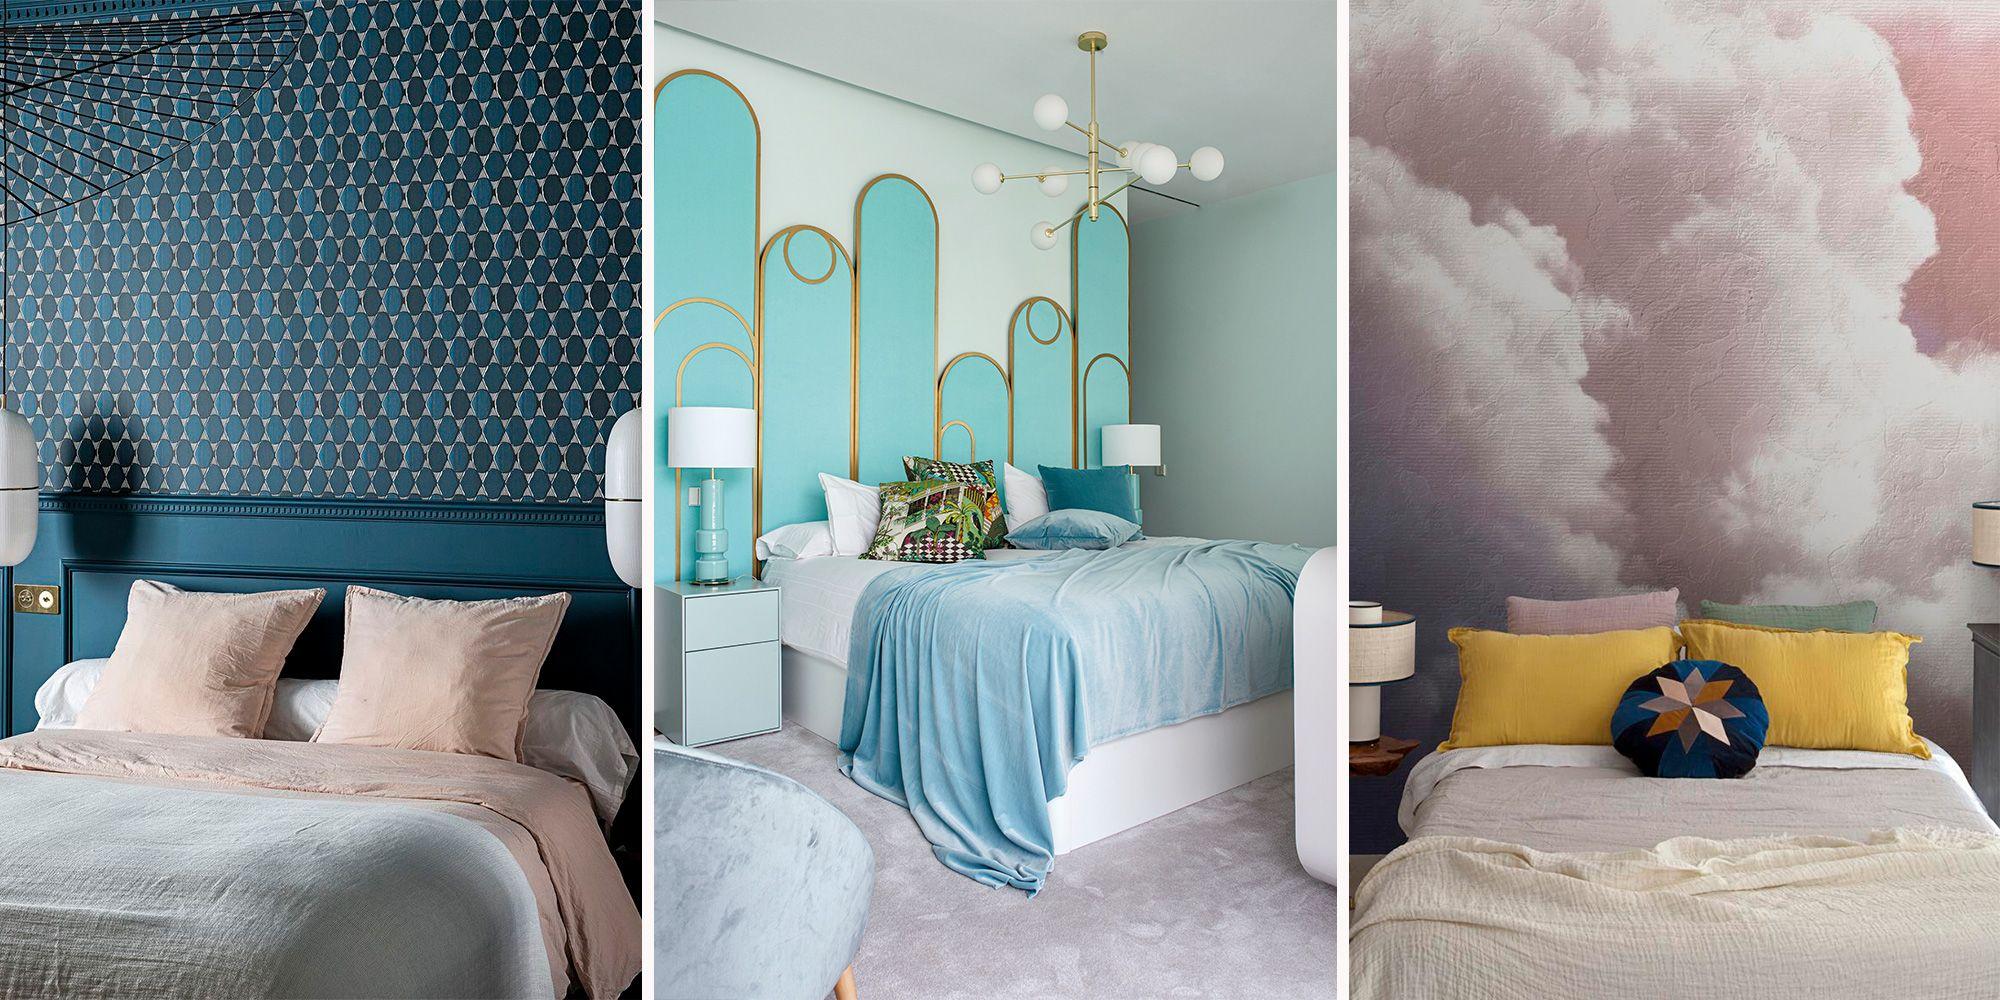 Ideas para decorar las paredes del dormitorio y transformar la habitación